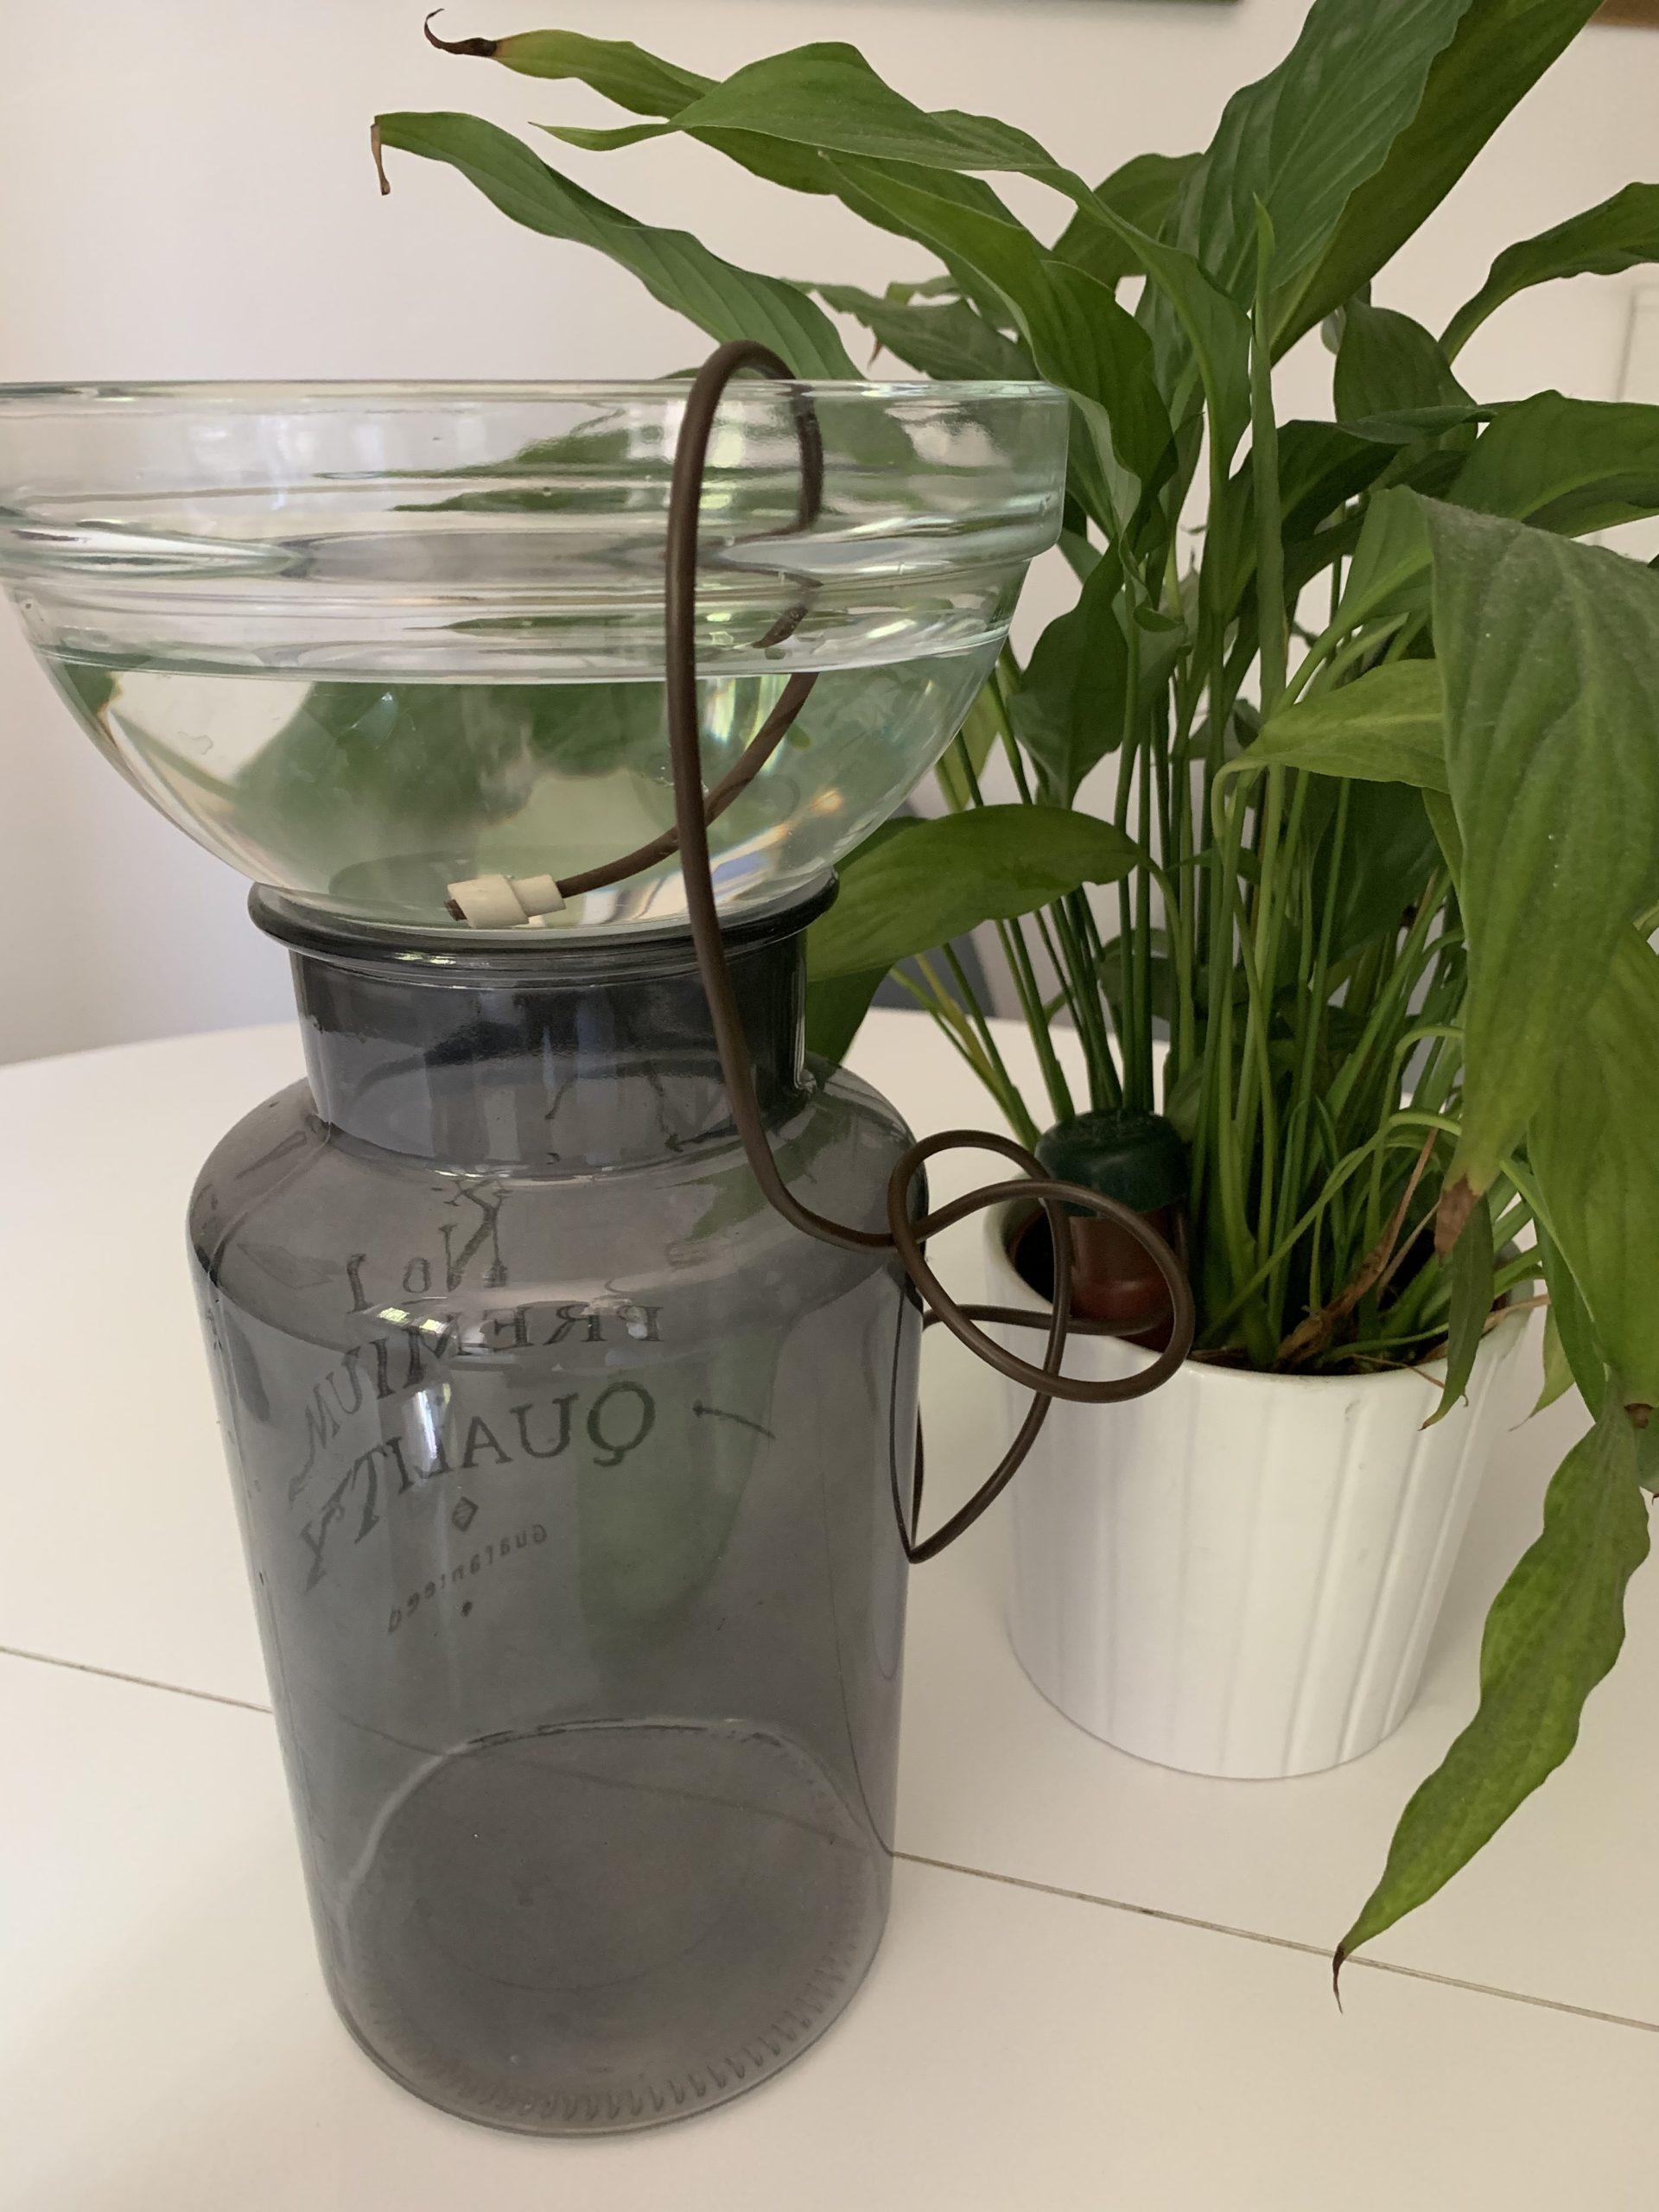 zalijevanje sobnog bilja na godišnjem odmoru